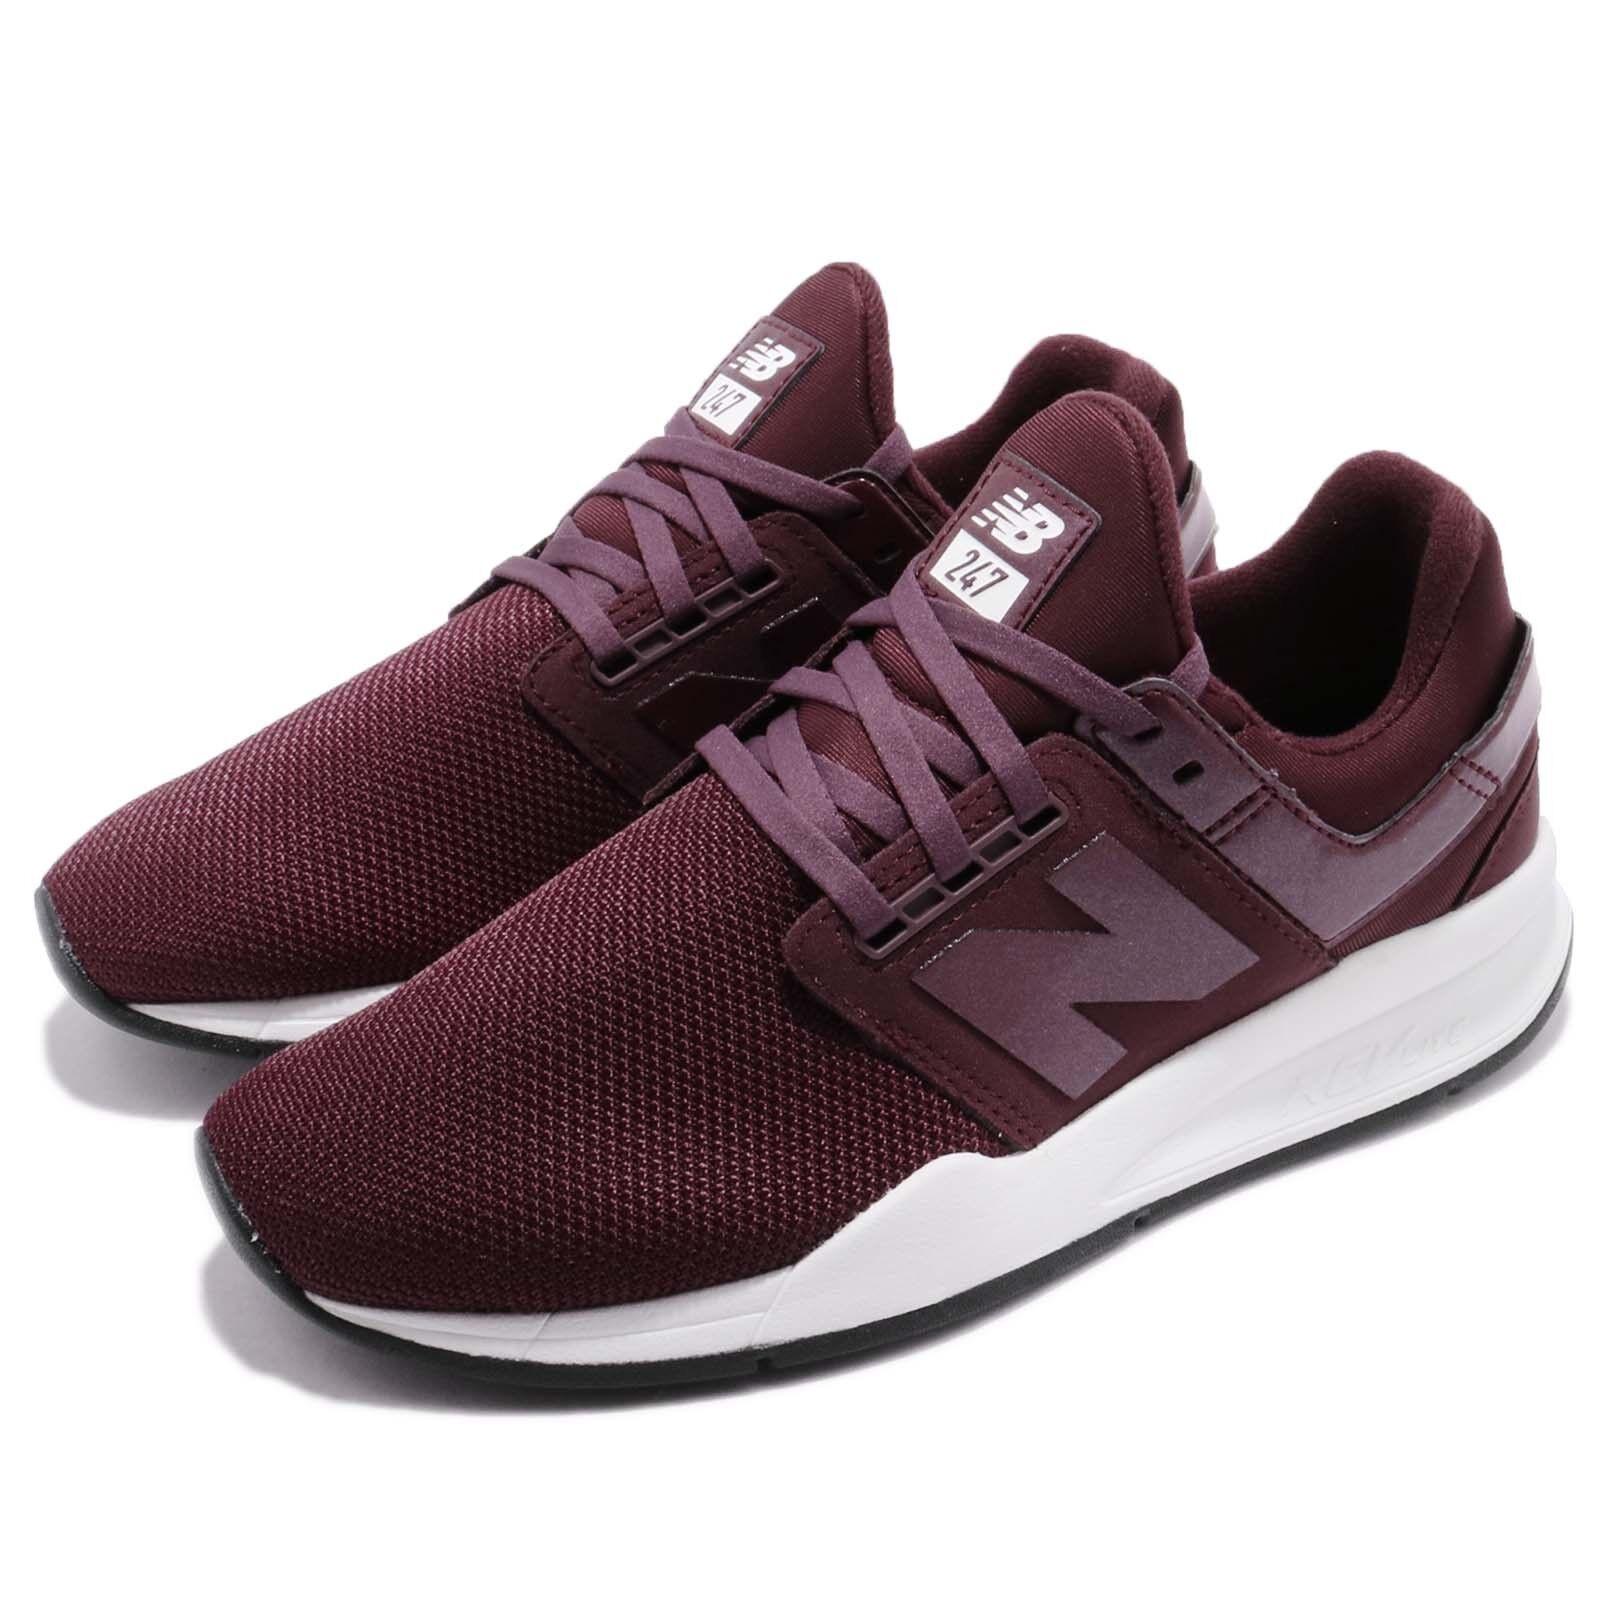 New balance WS247UA B B B blancoo Borgoña para Mujer Estilo De Vida Zapatos Para Correr WS247UAB  ordene ahora los precios más bajos